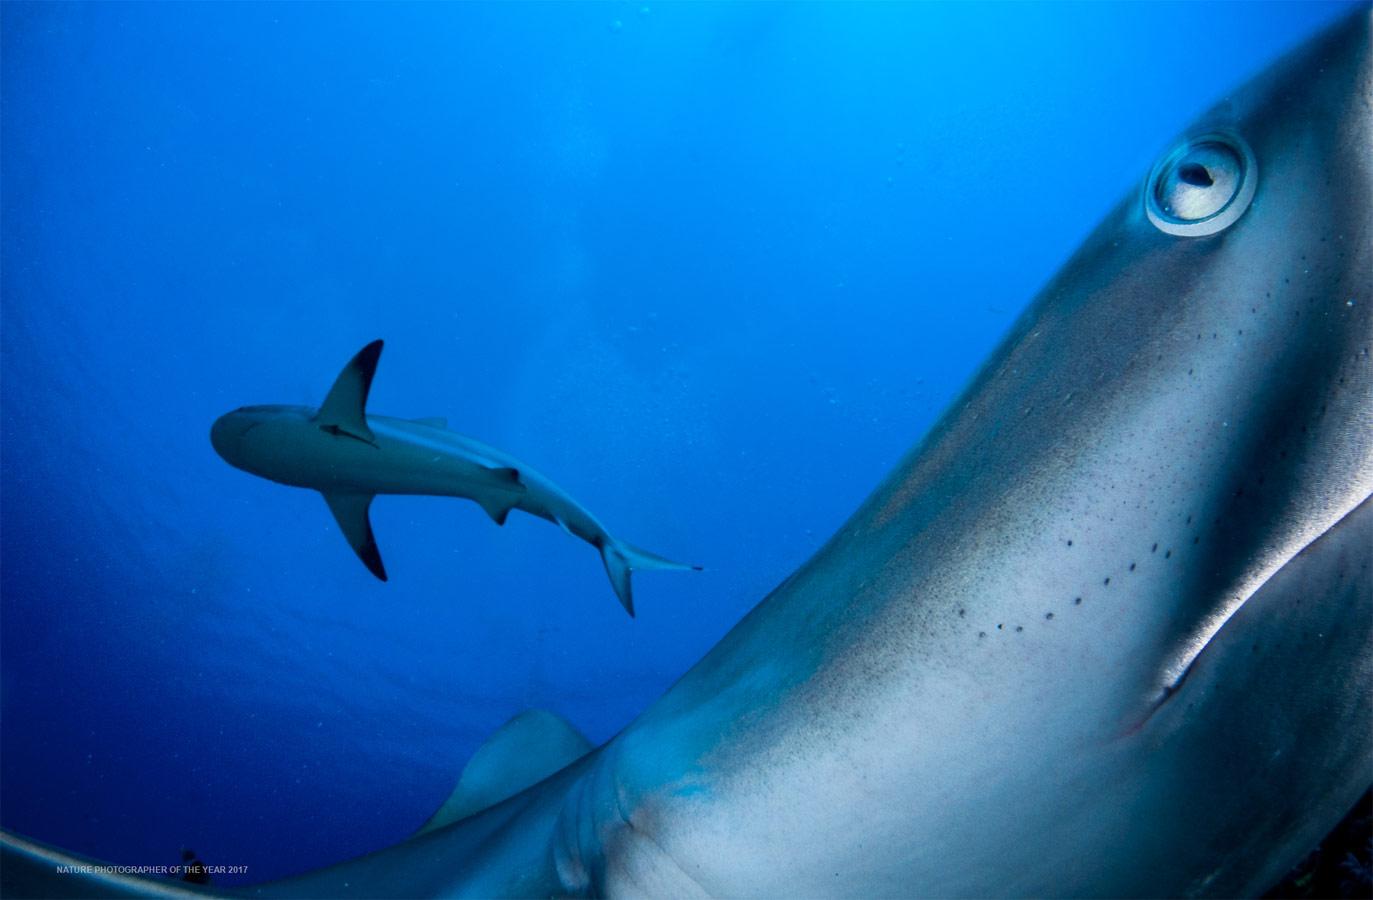 Рифовые акулы, © Шейн Гросс, Победитель категории «Подводная», Фотоконкурс «Природный фотограф года»